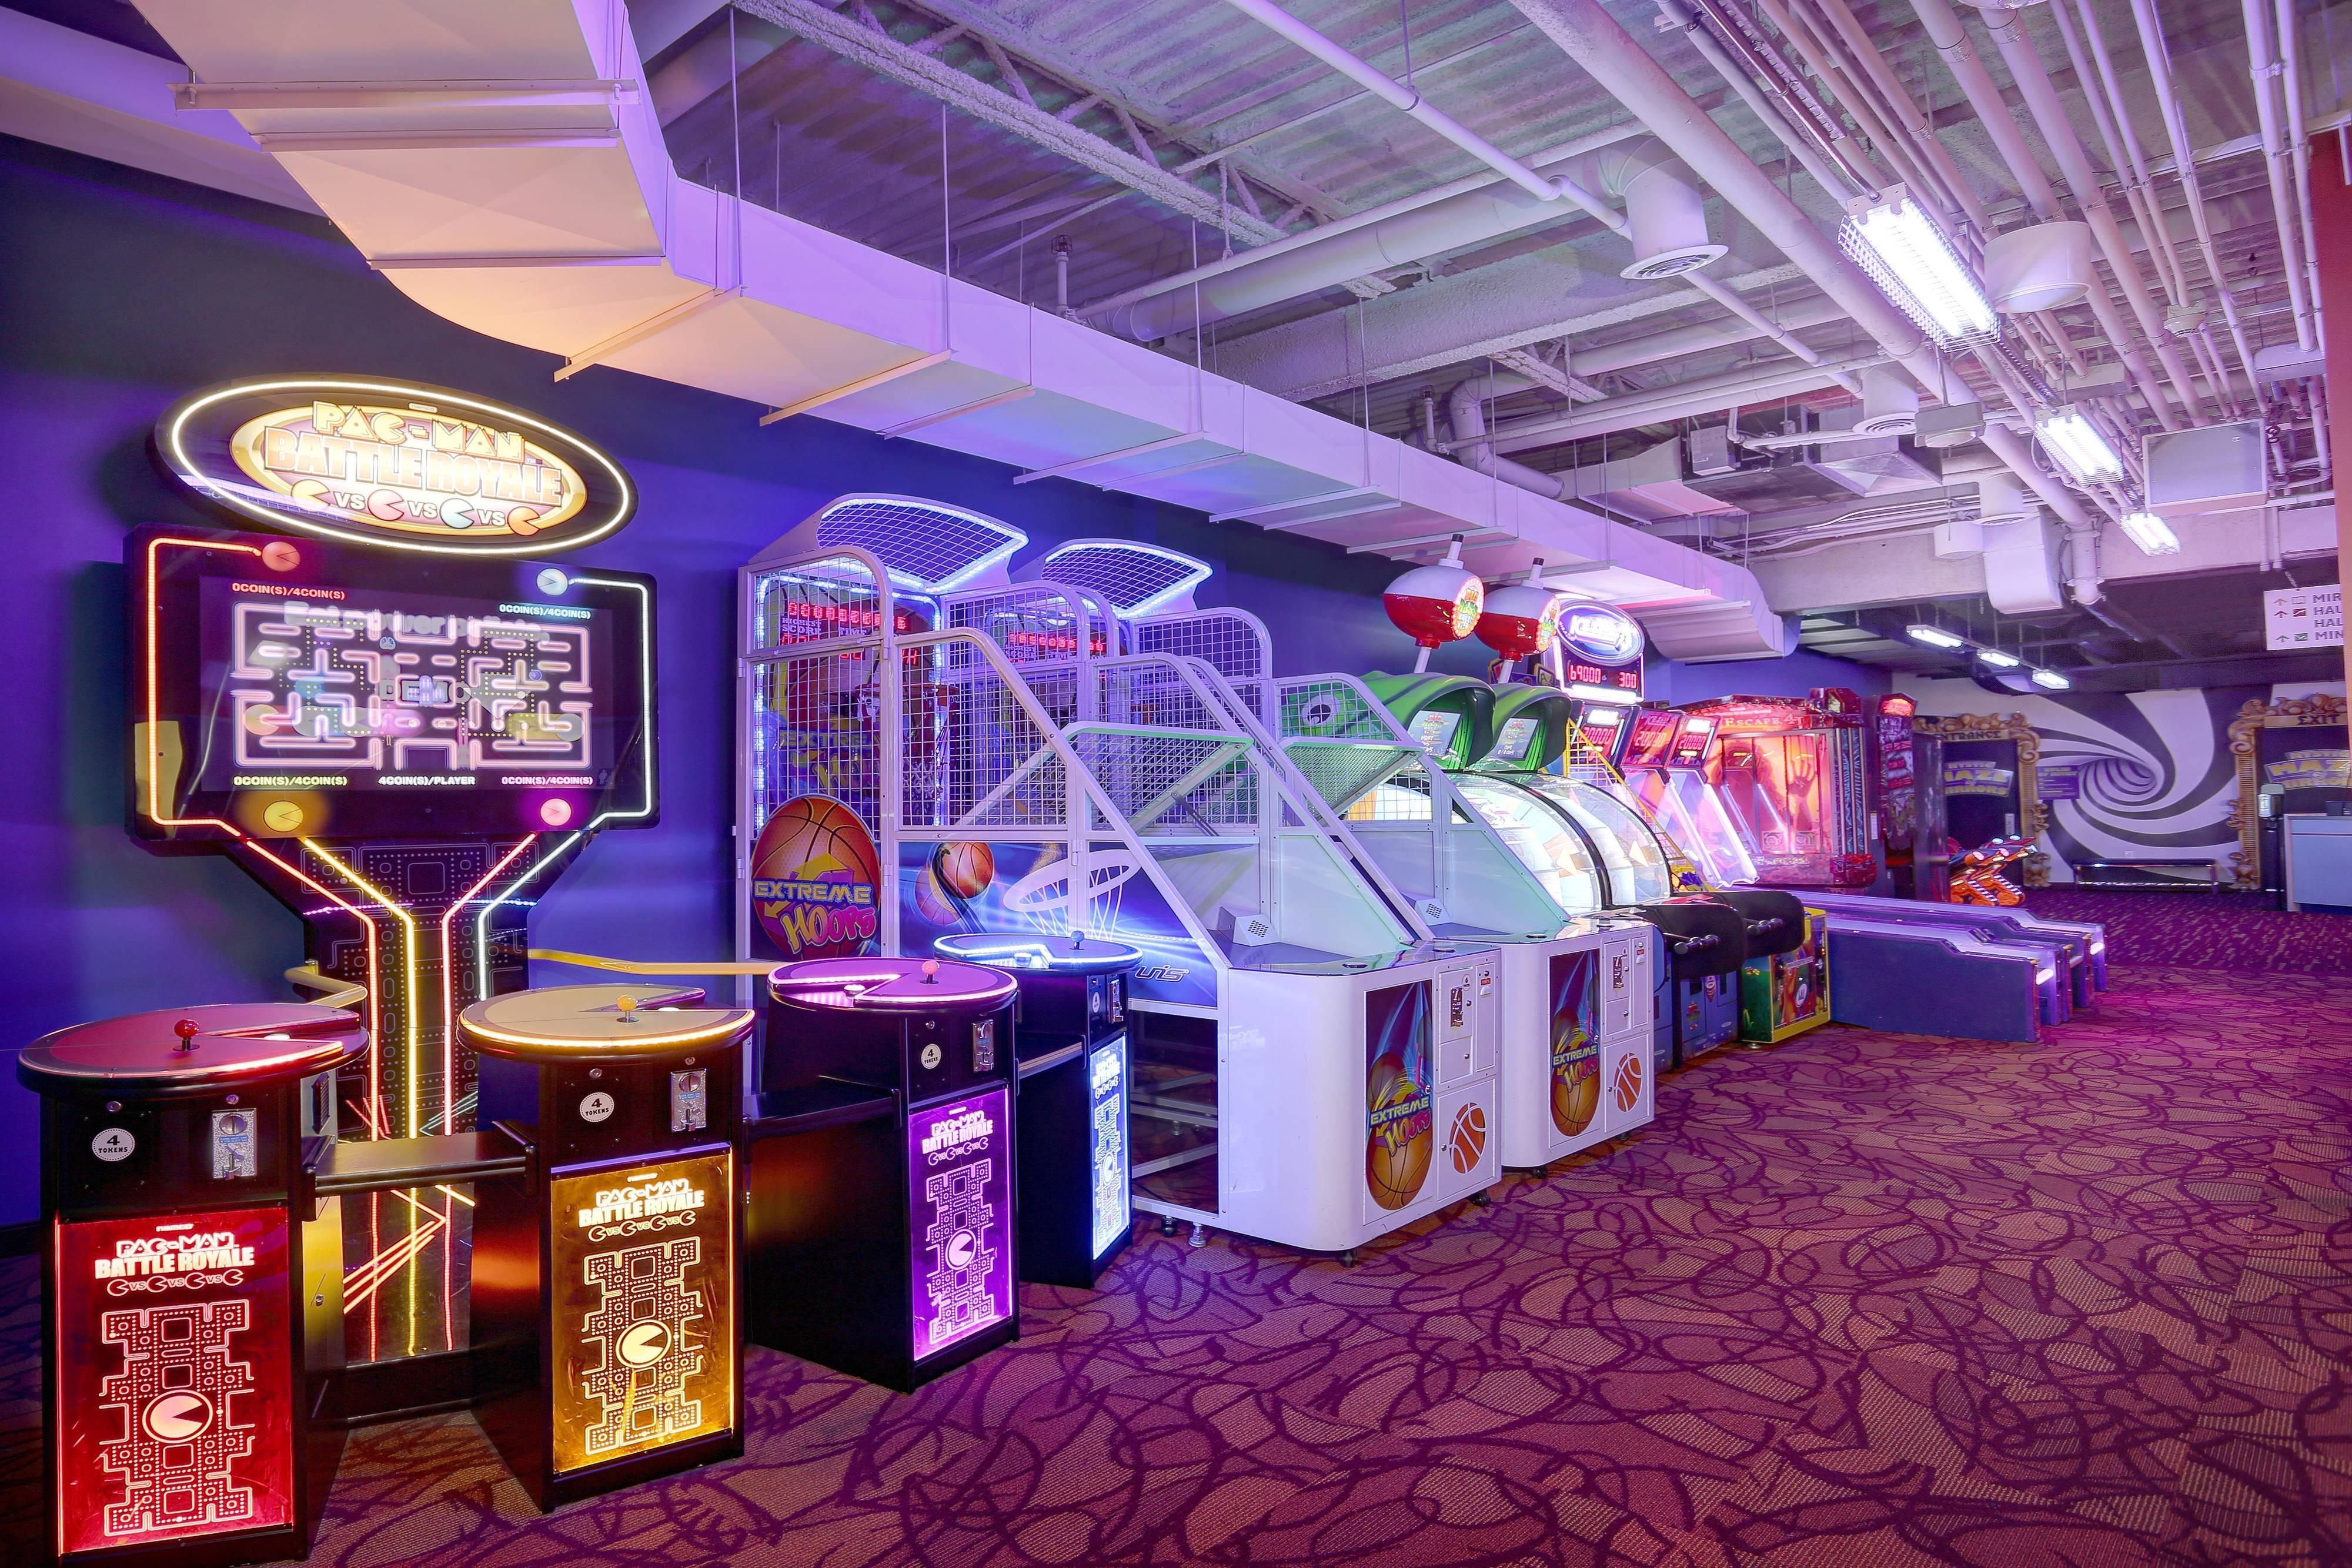 Niagara Falls Fun Zone - Área de jogos